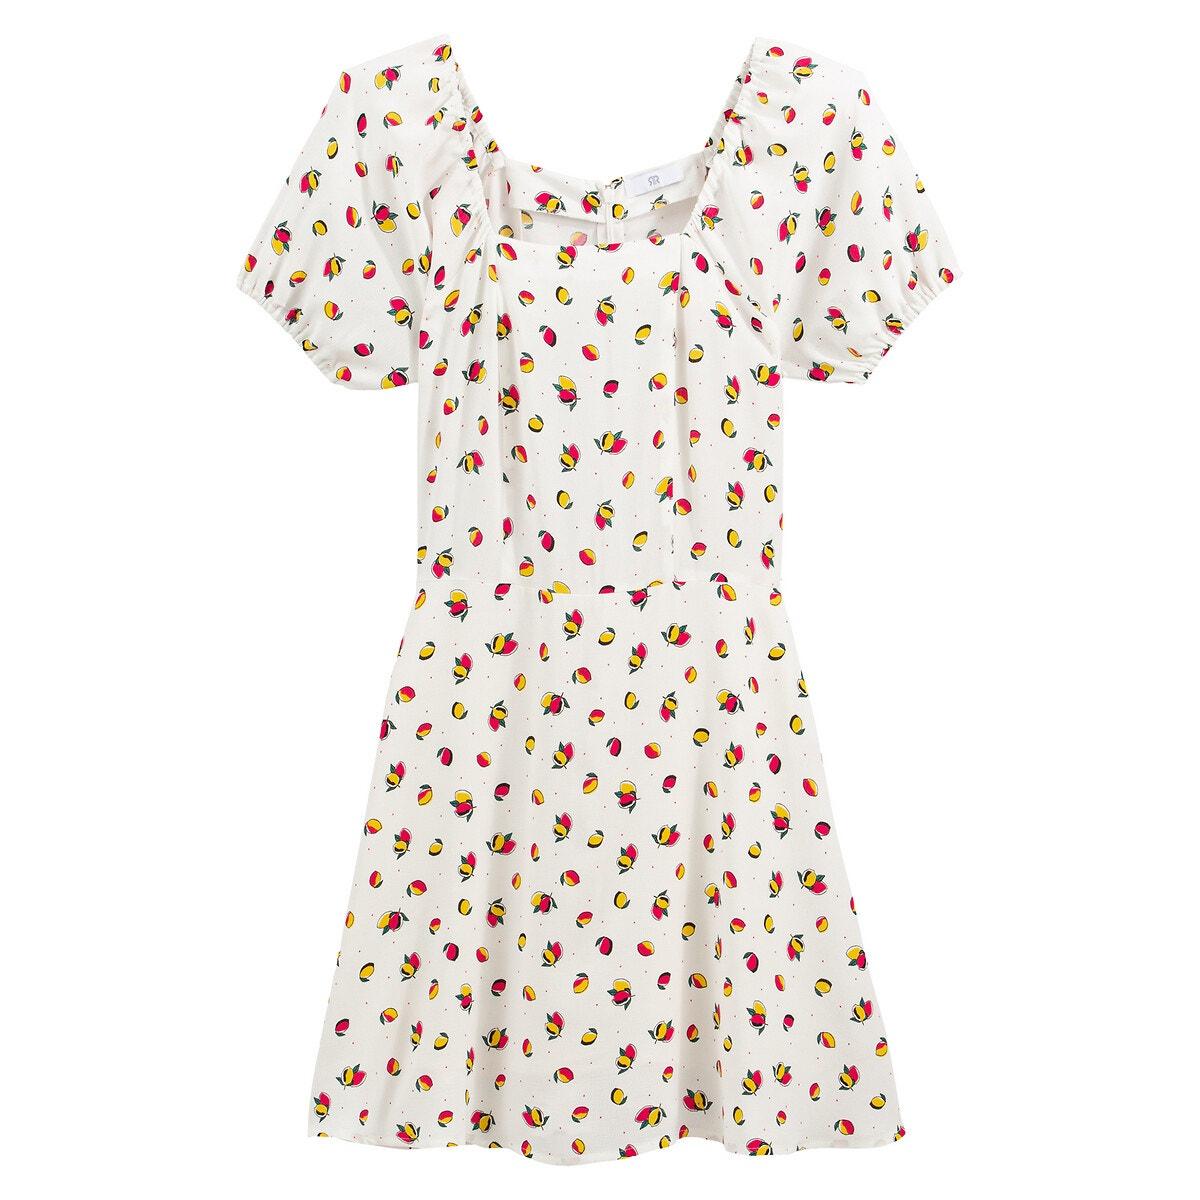 Apuesta por este vestido de verano ligero y ultrafemenino. Destaca con su original escote cuadrado, su escote a color y su manga corta ablusada. Llévala con unas sandalias en tu día a día, y para un look más chic con una chaquetita.